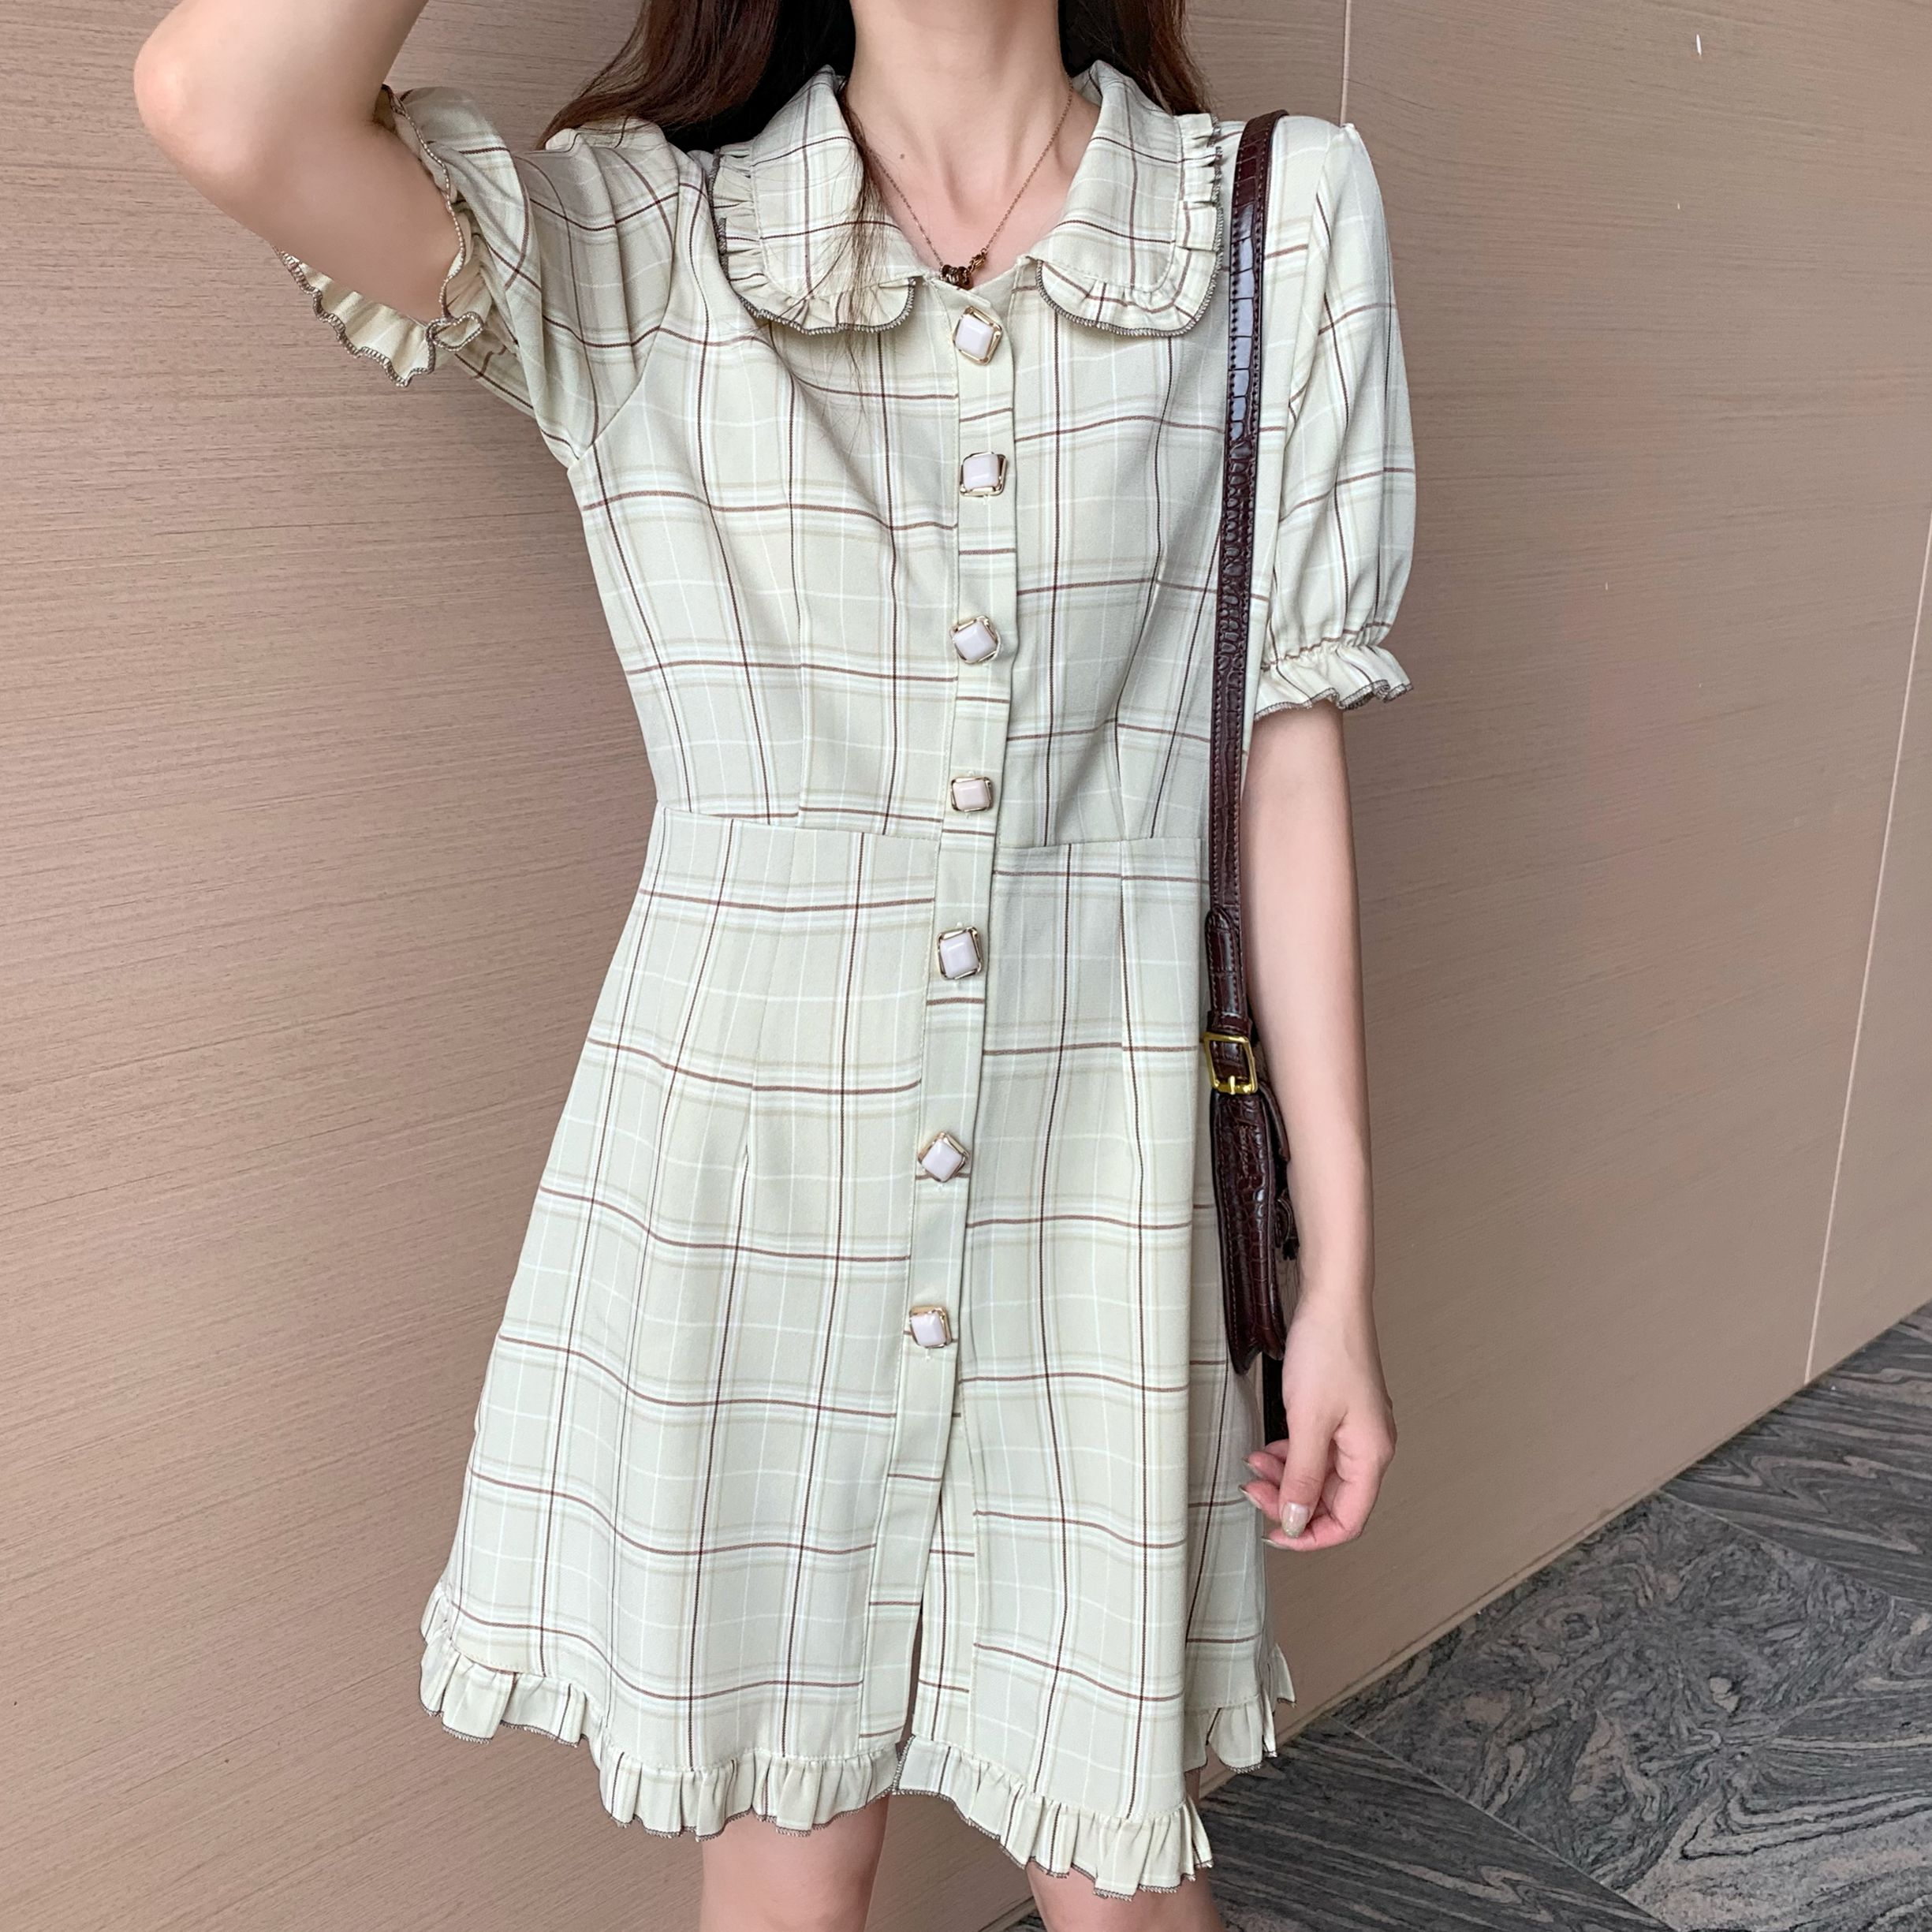 US $15.15 15% OFFPlaid Pilz Puppe Kragen Puff Sleeve Kleid frauen Schöne  Kleider Chic Ins Kawaii Mädchen Süße Harajuku Punk Kleidung Für